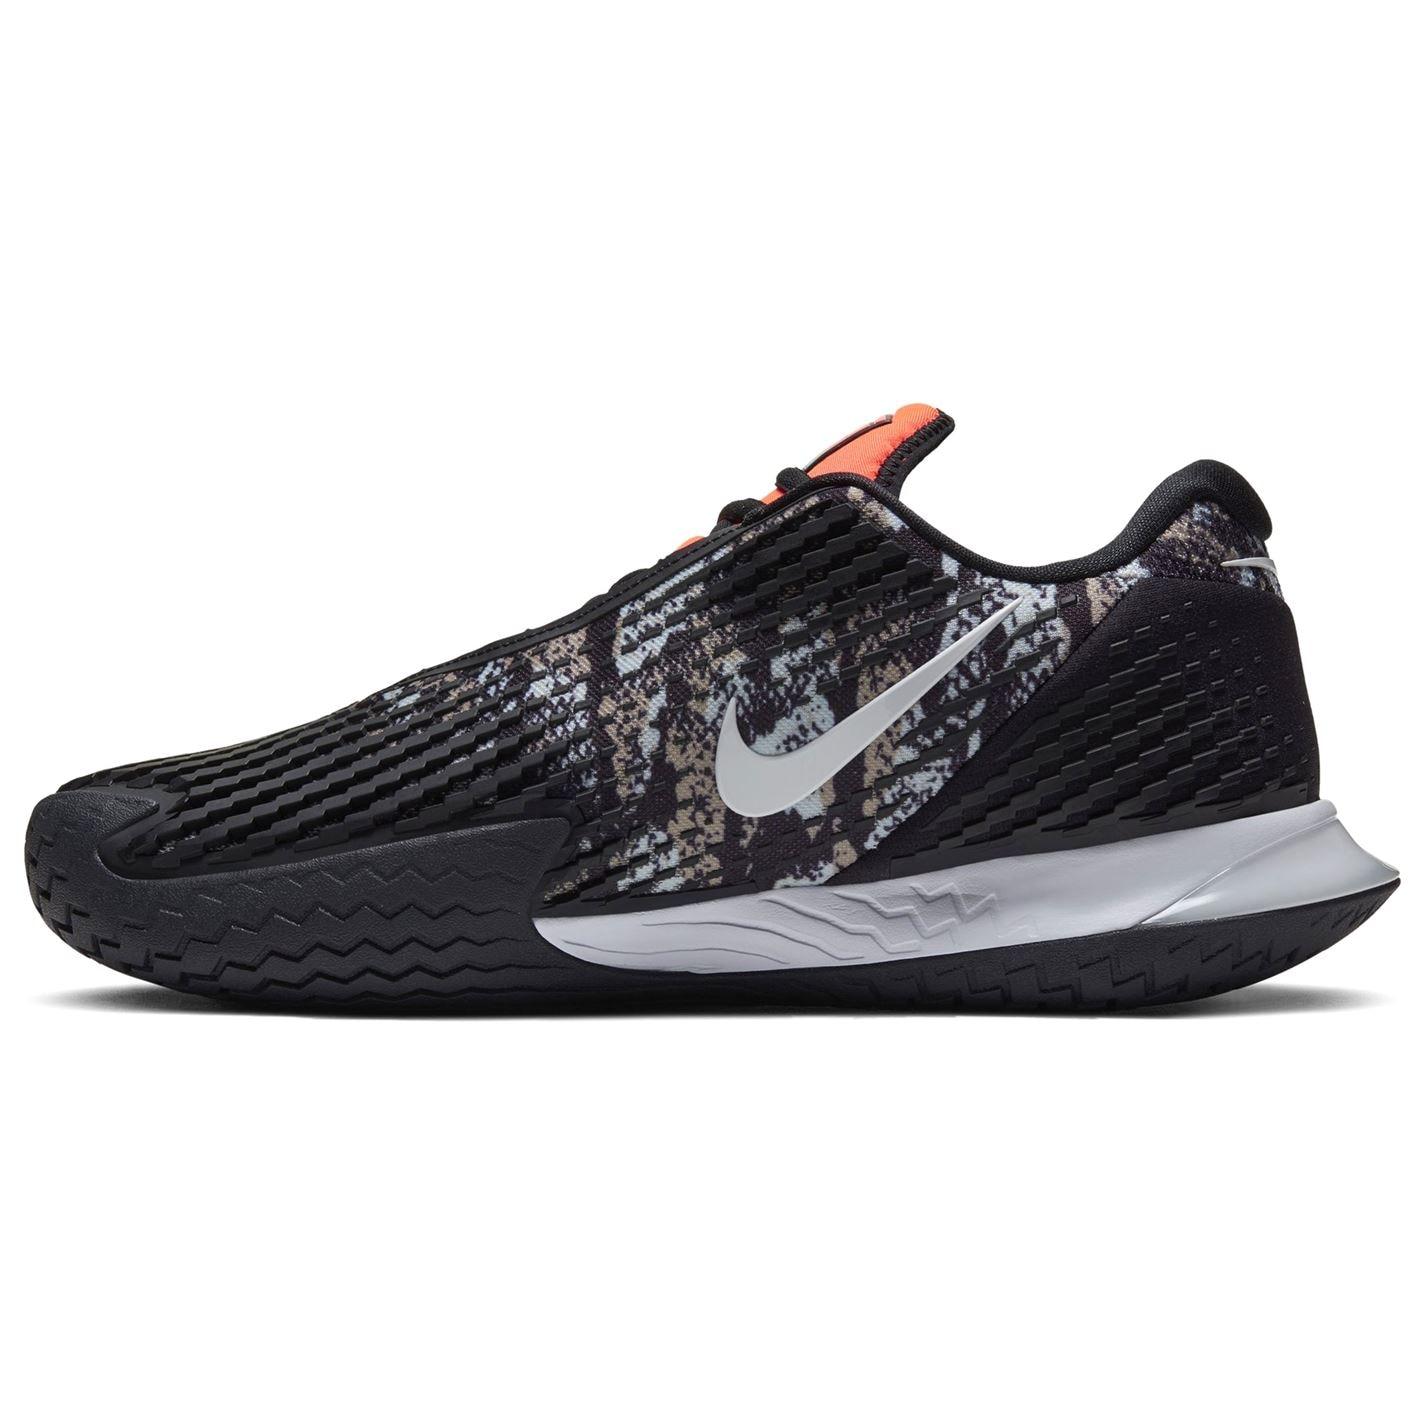 Nike Air Zoom Vapor Cage 4 Men's Hard Court Tennis Shoe